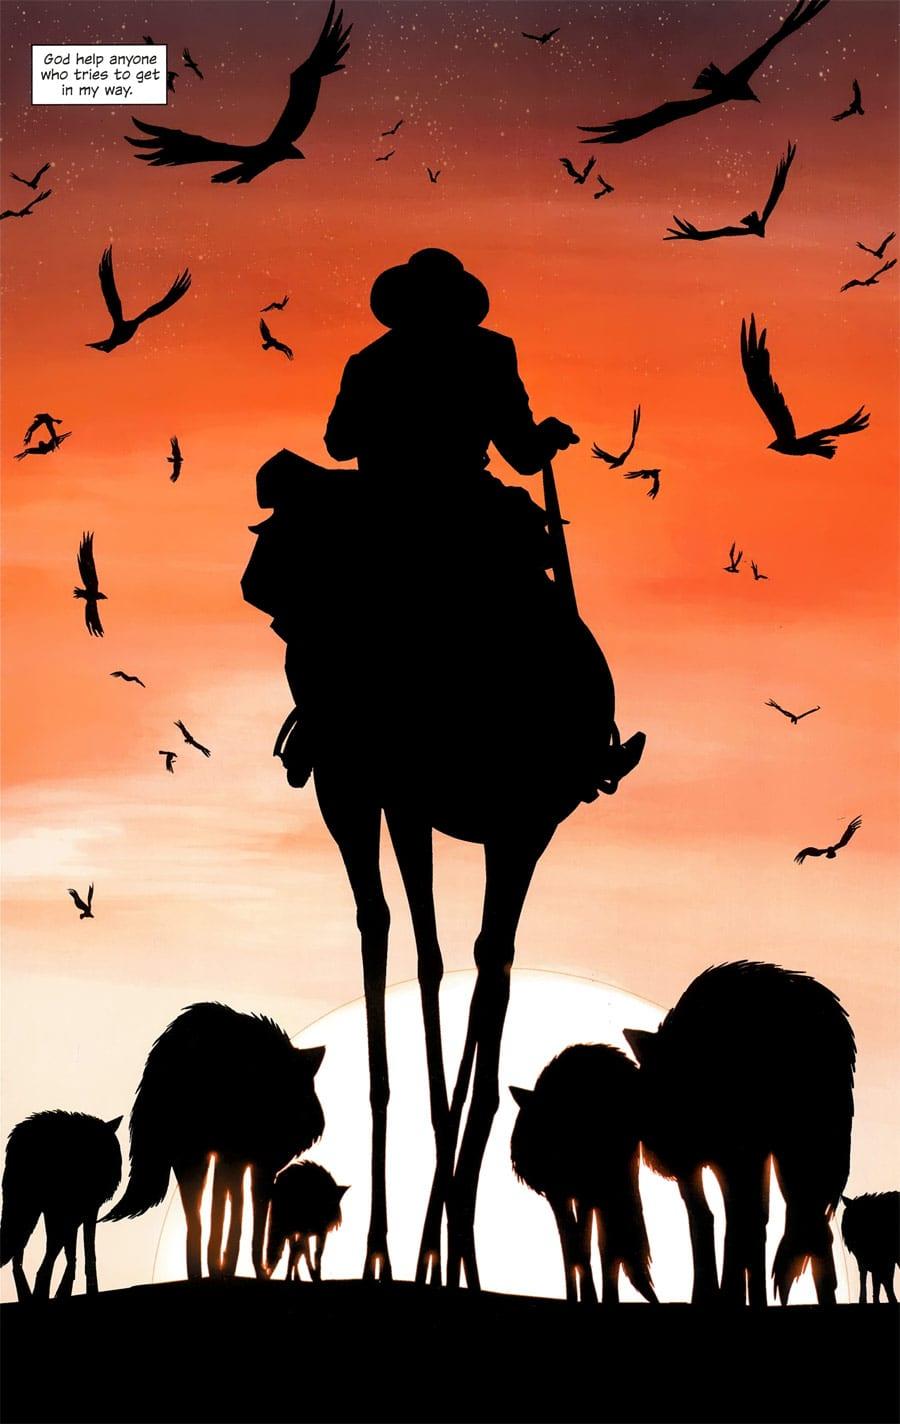 east-of-west-comics-sunset